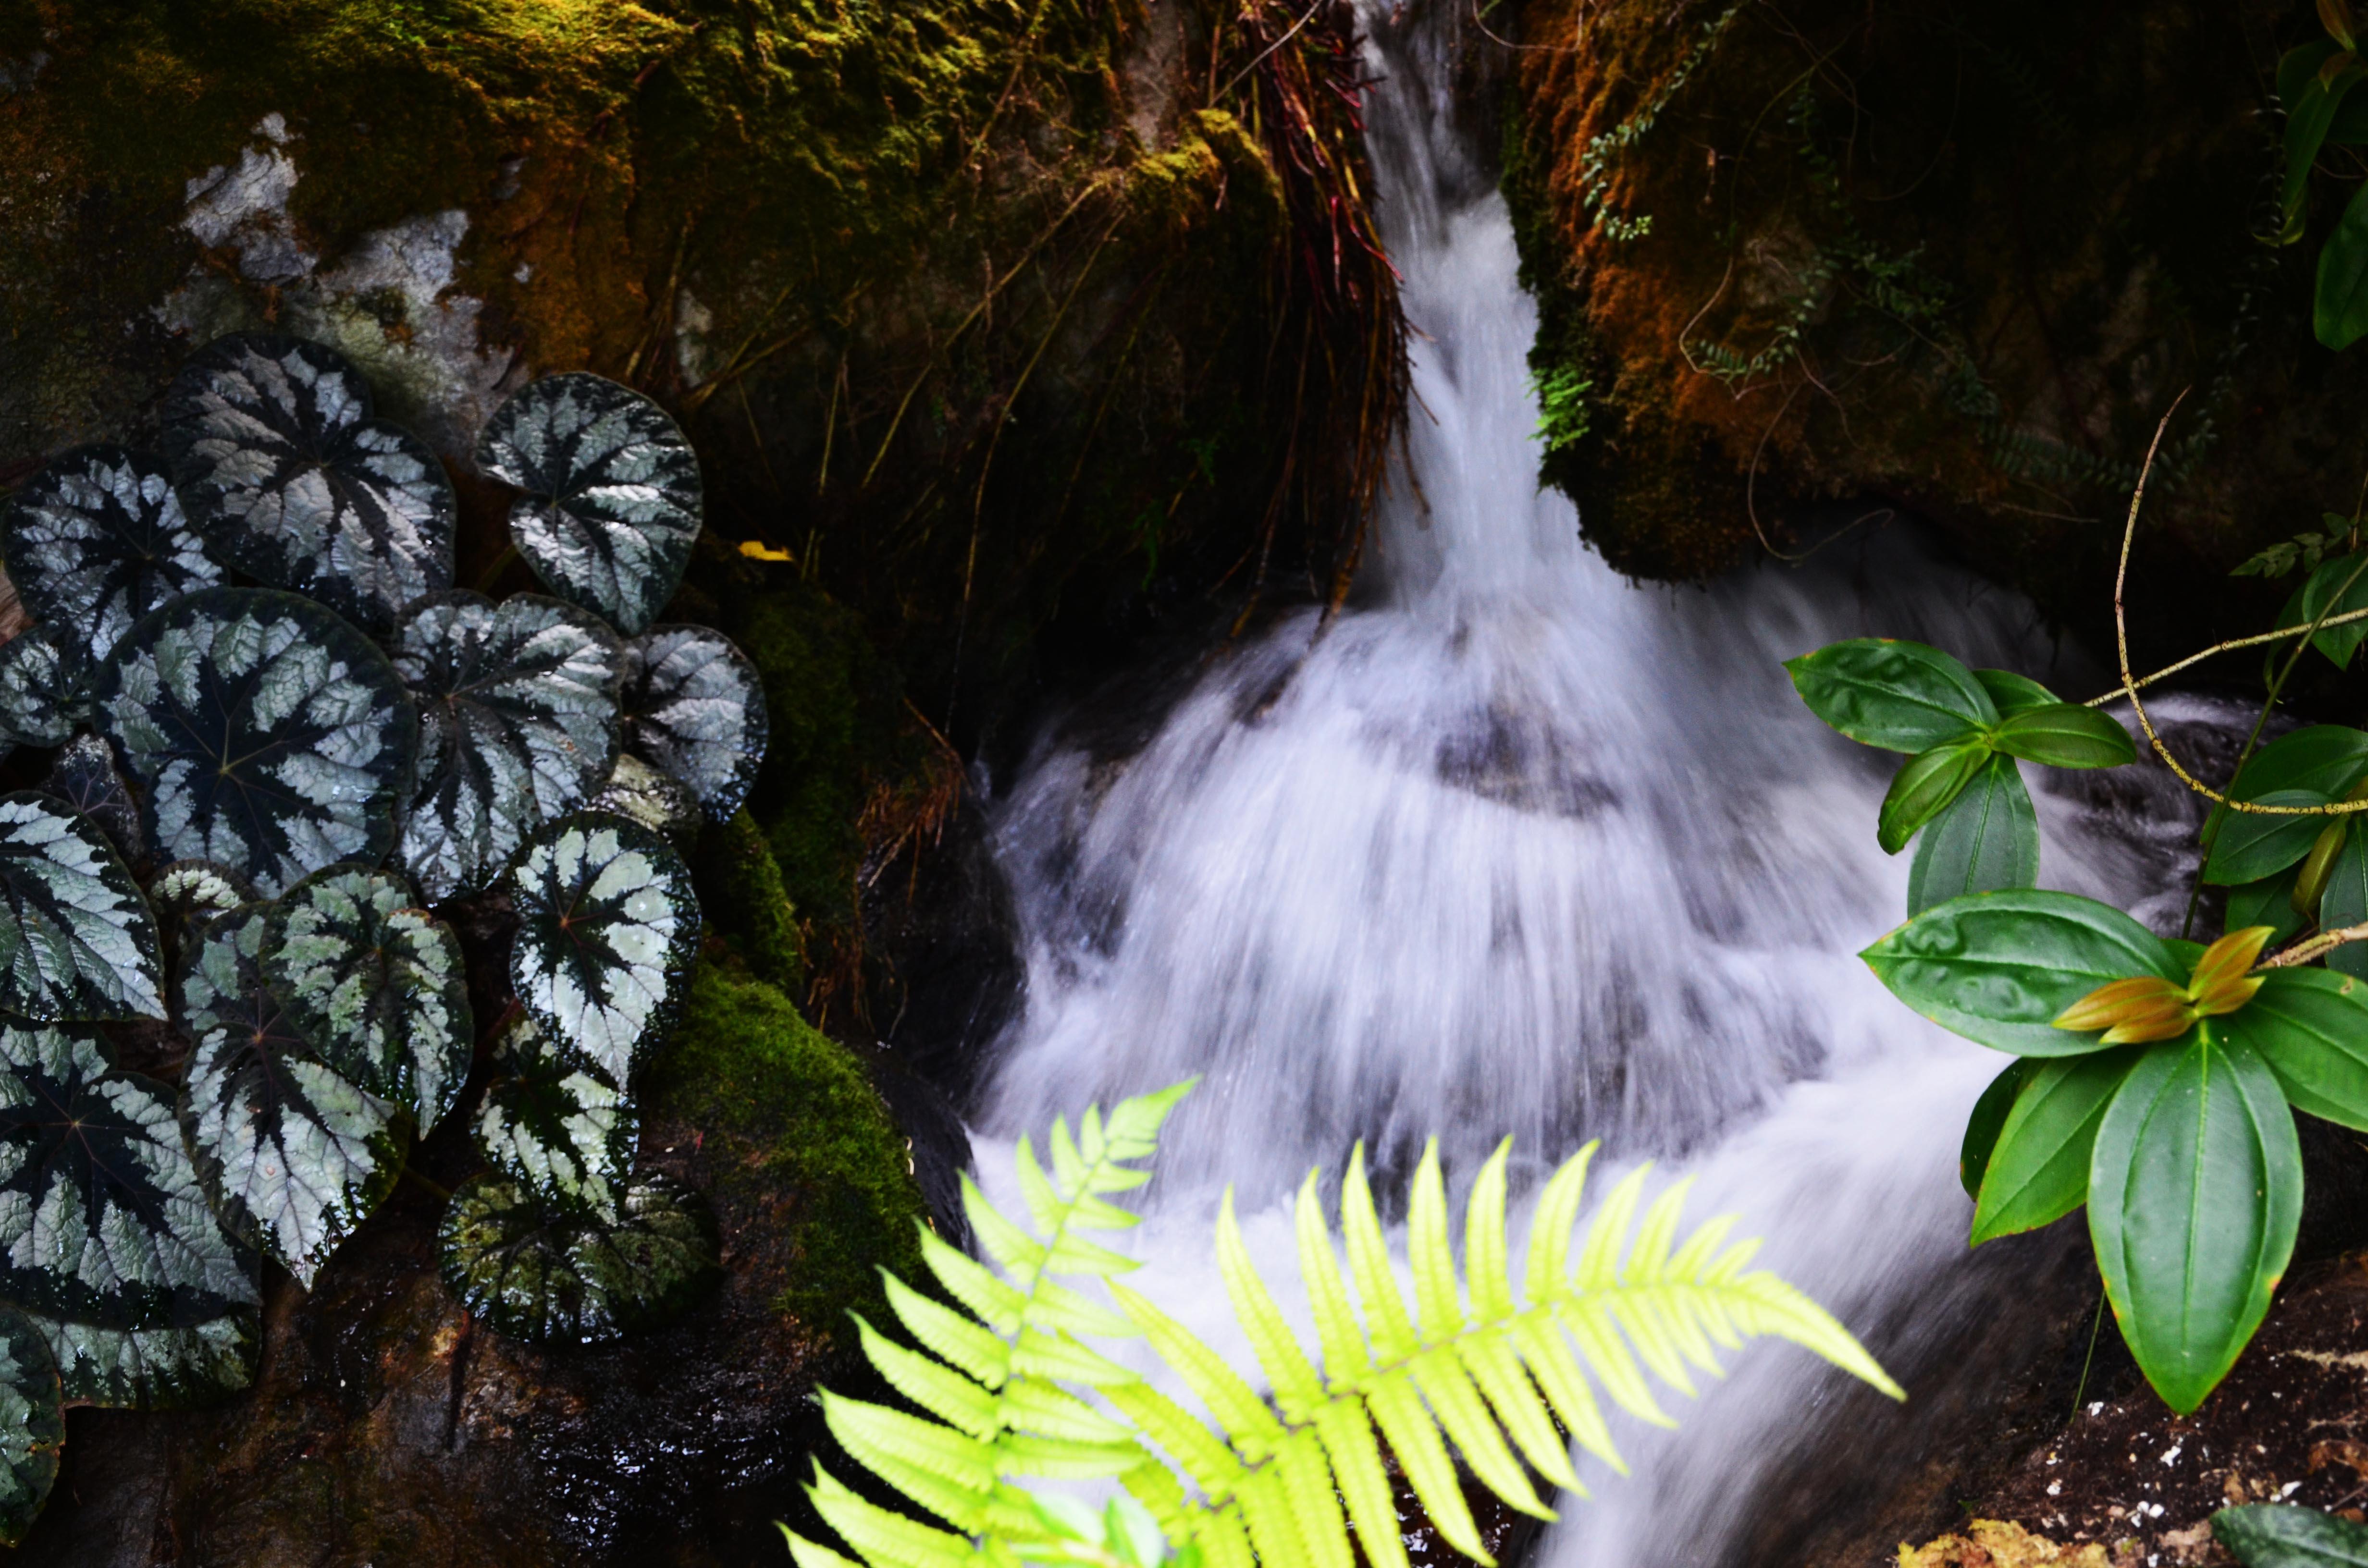 Willkommen im Regenwald!